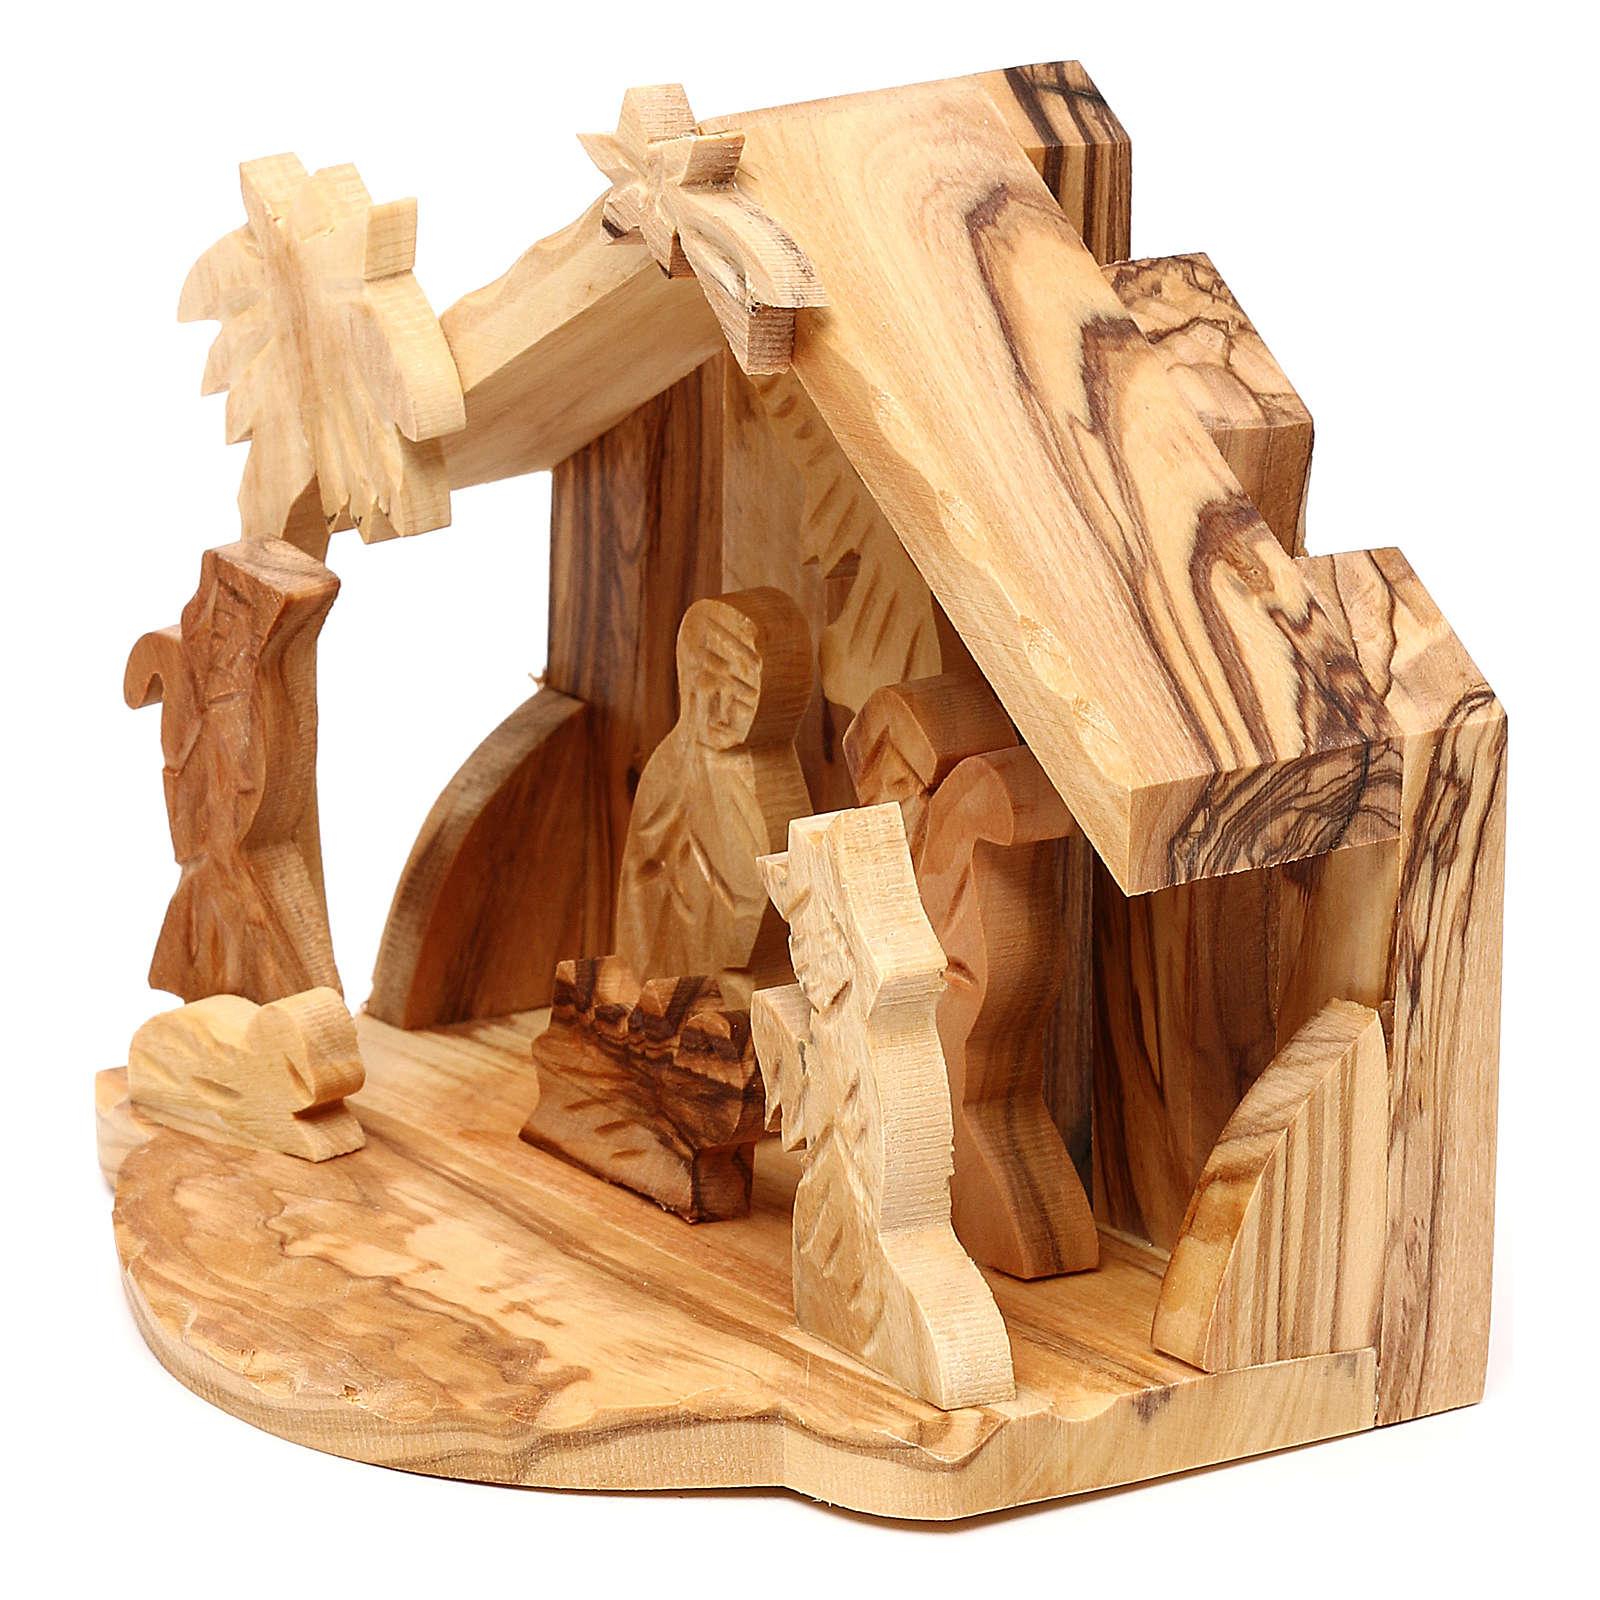 Cabaña con escena Natividad de olivo de Belén 10x10x10 cm 4